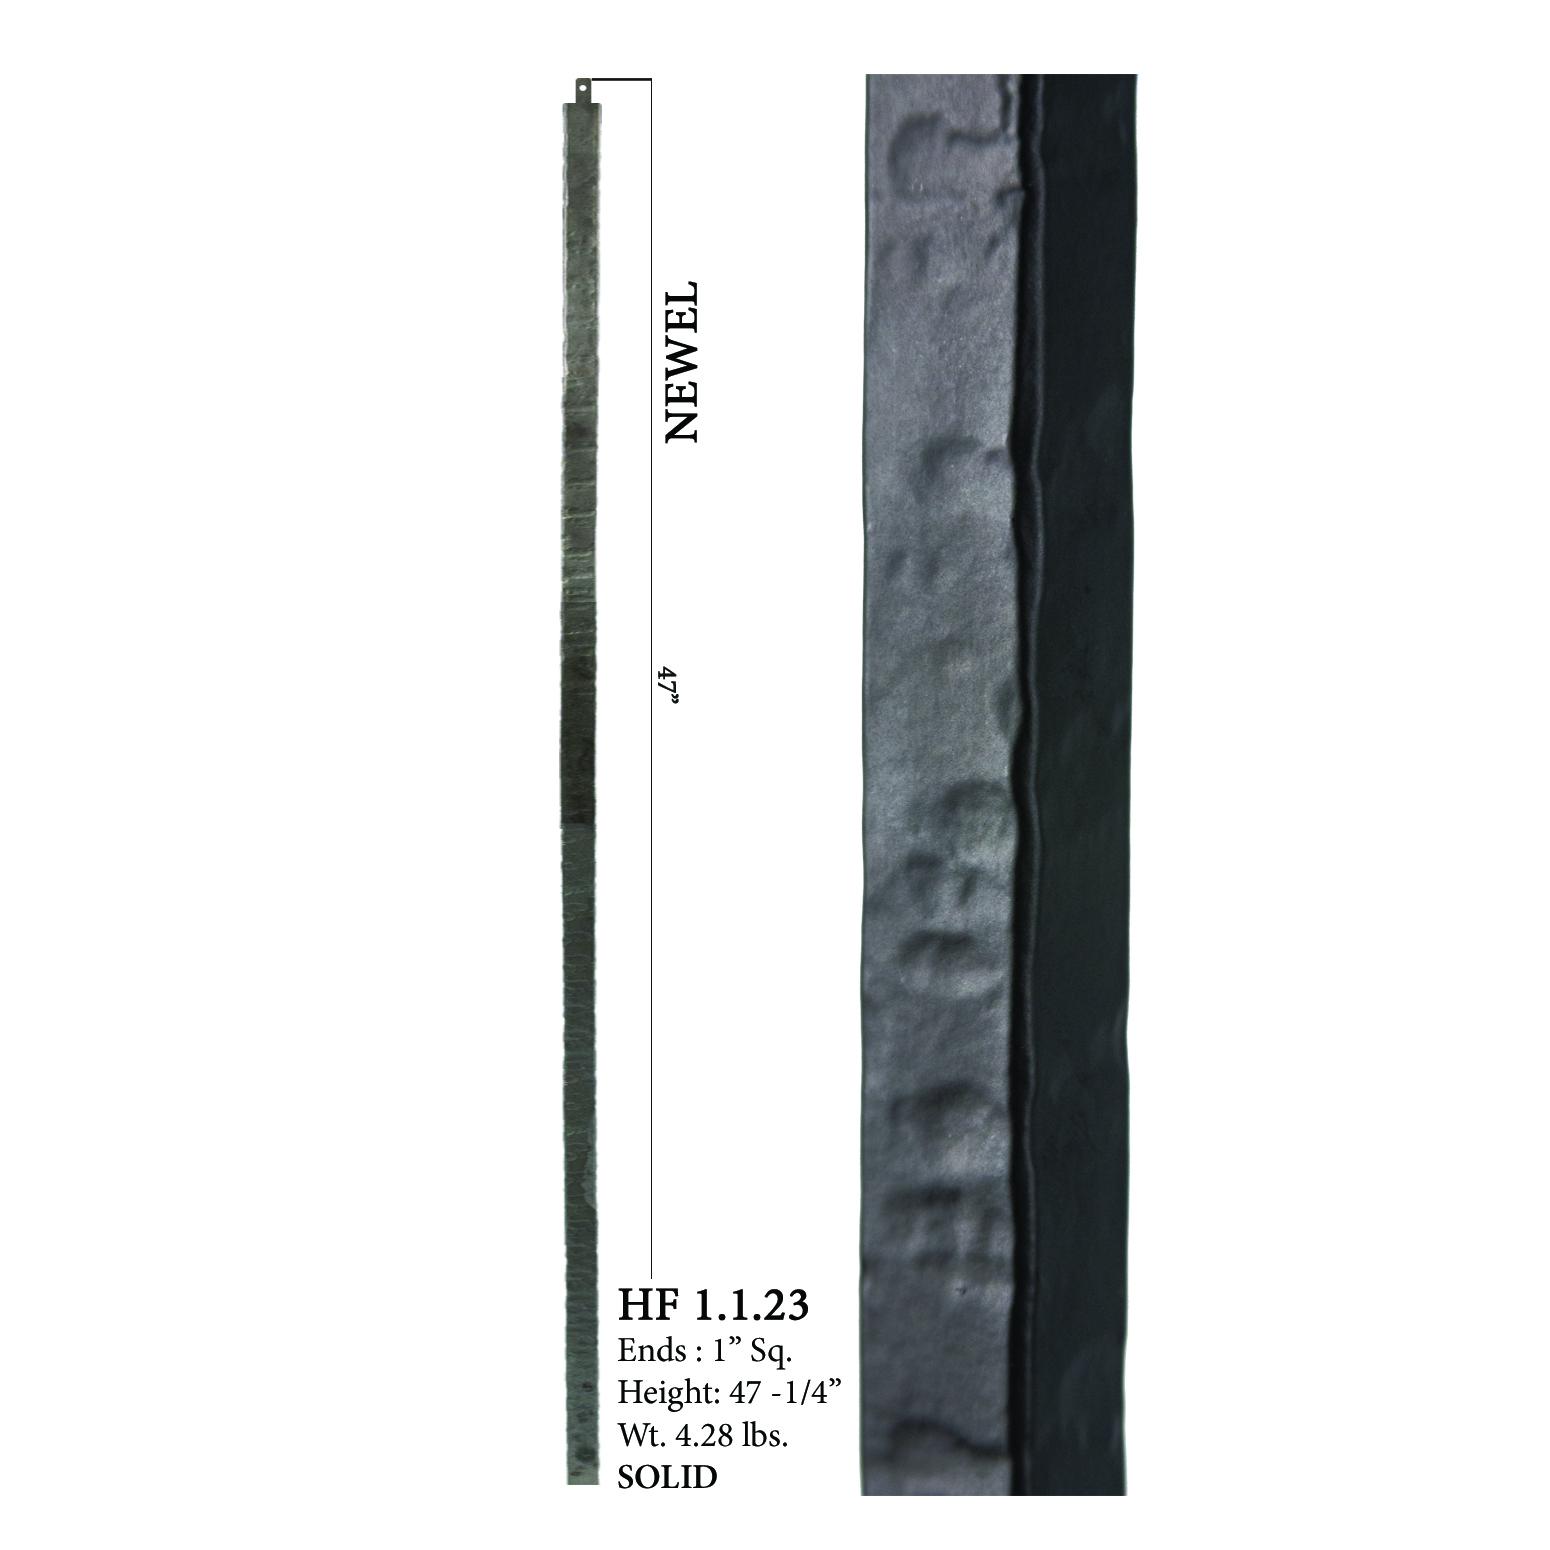 HF1.1.23.jpg